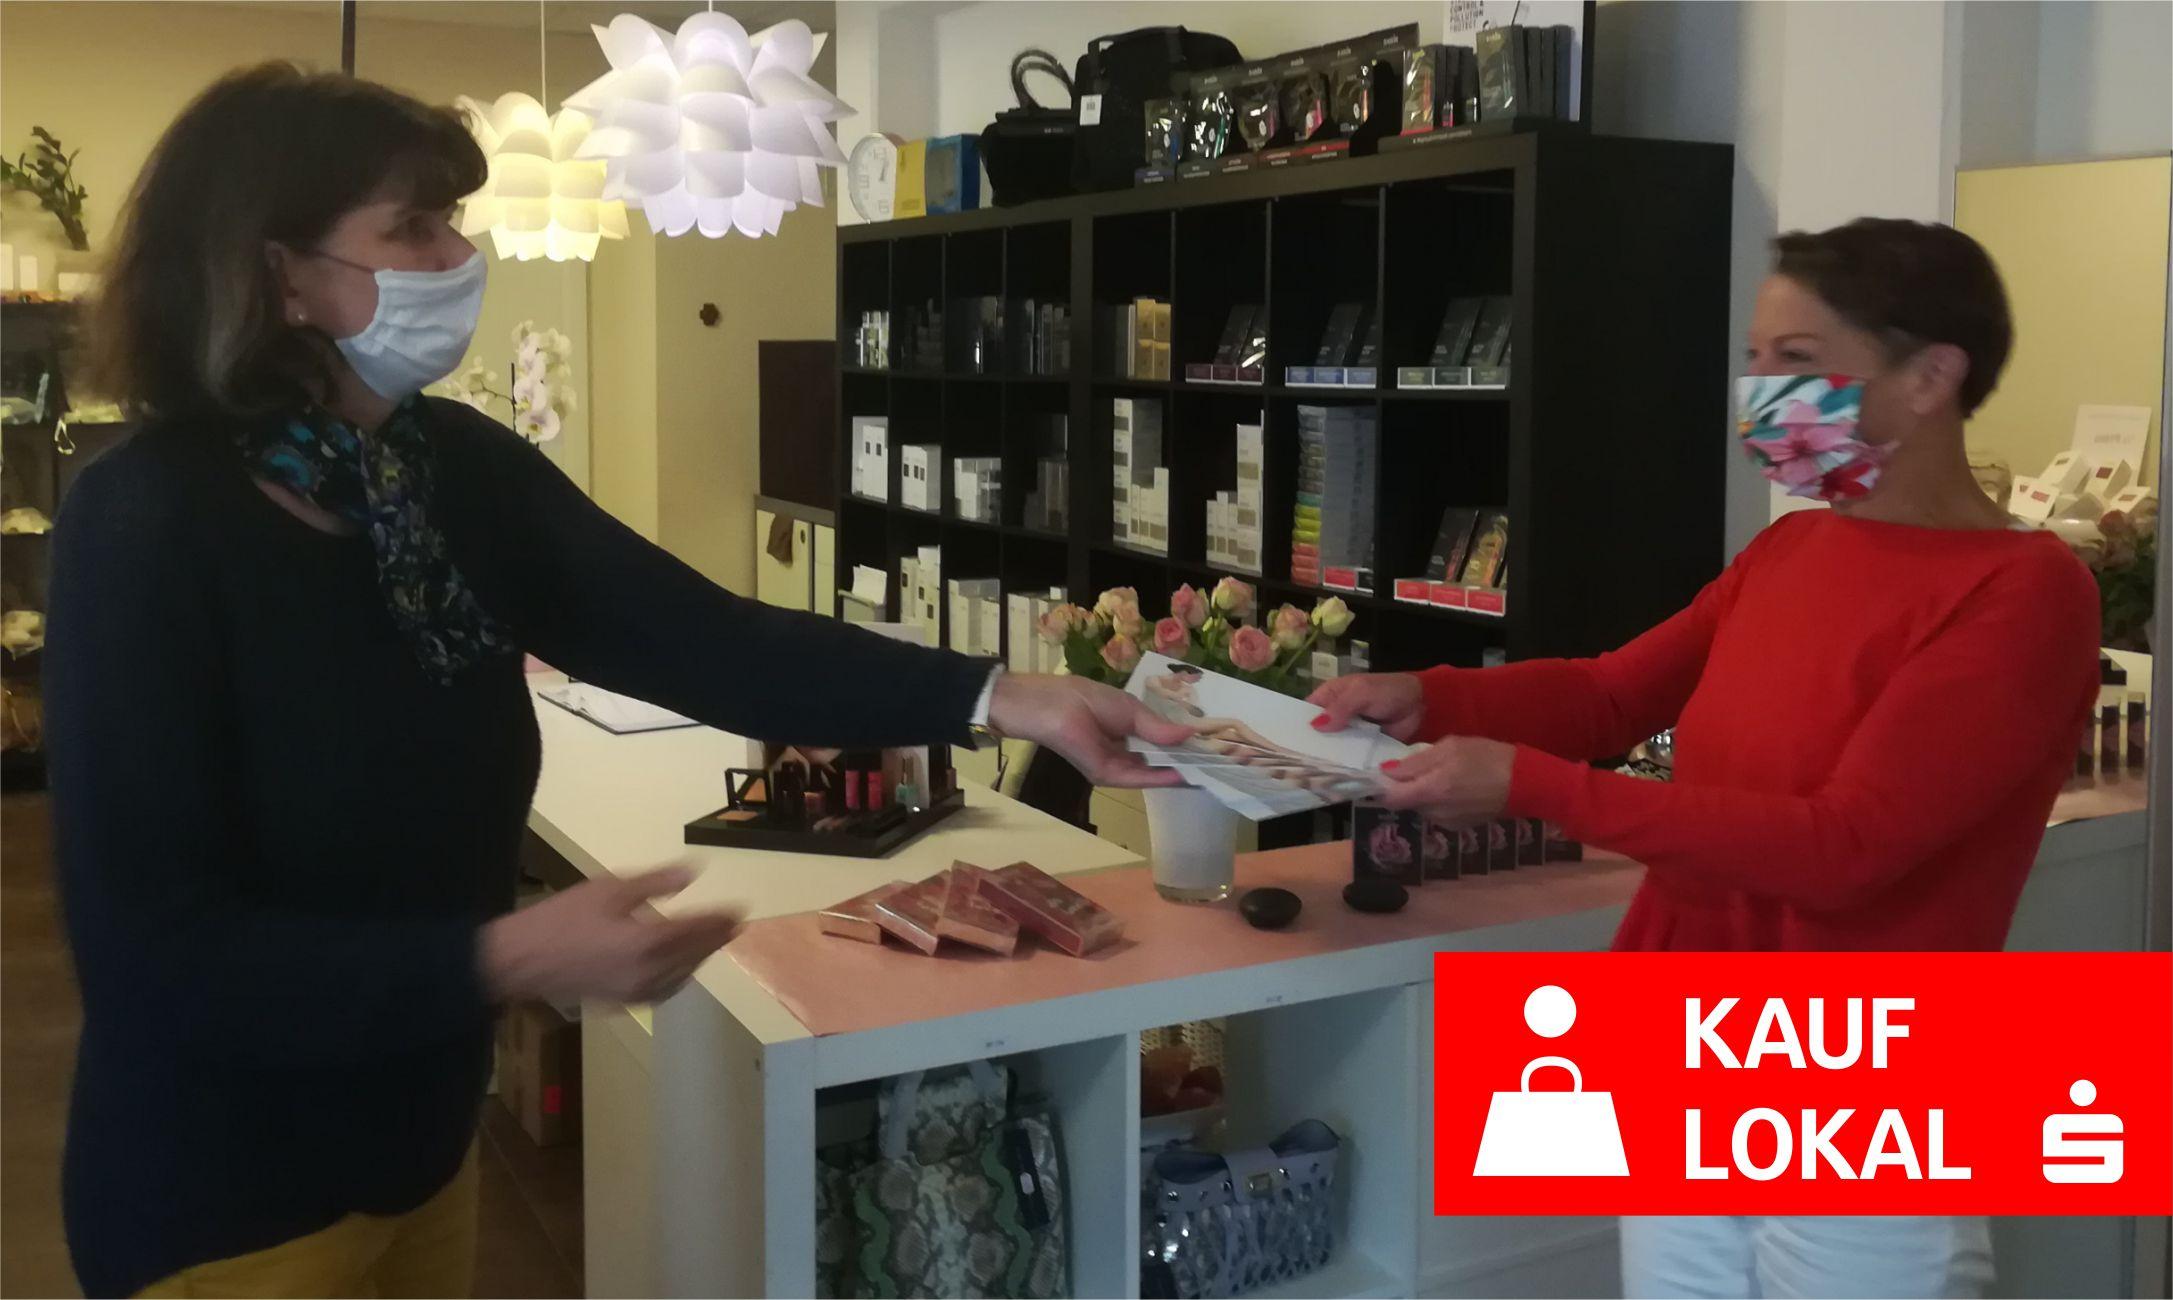 Skin-more-Lindner-Brigitte-GS-Tittling_Kauf-lokal